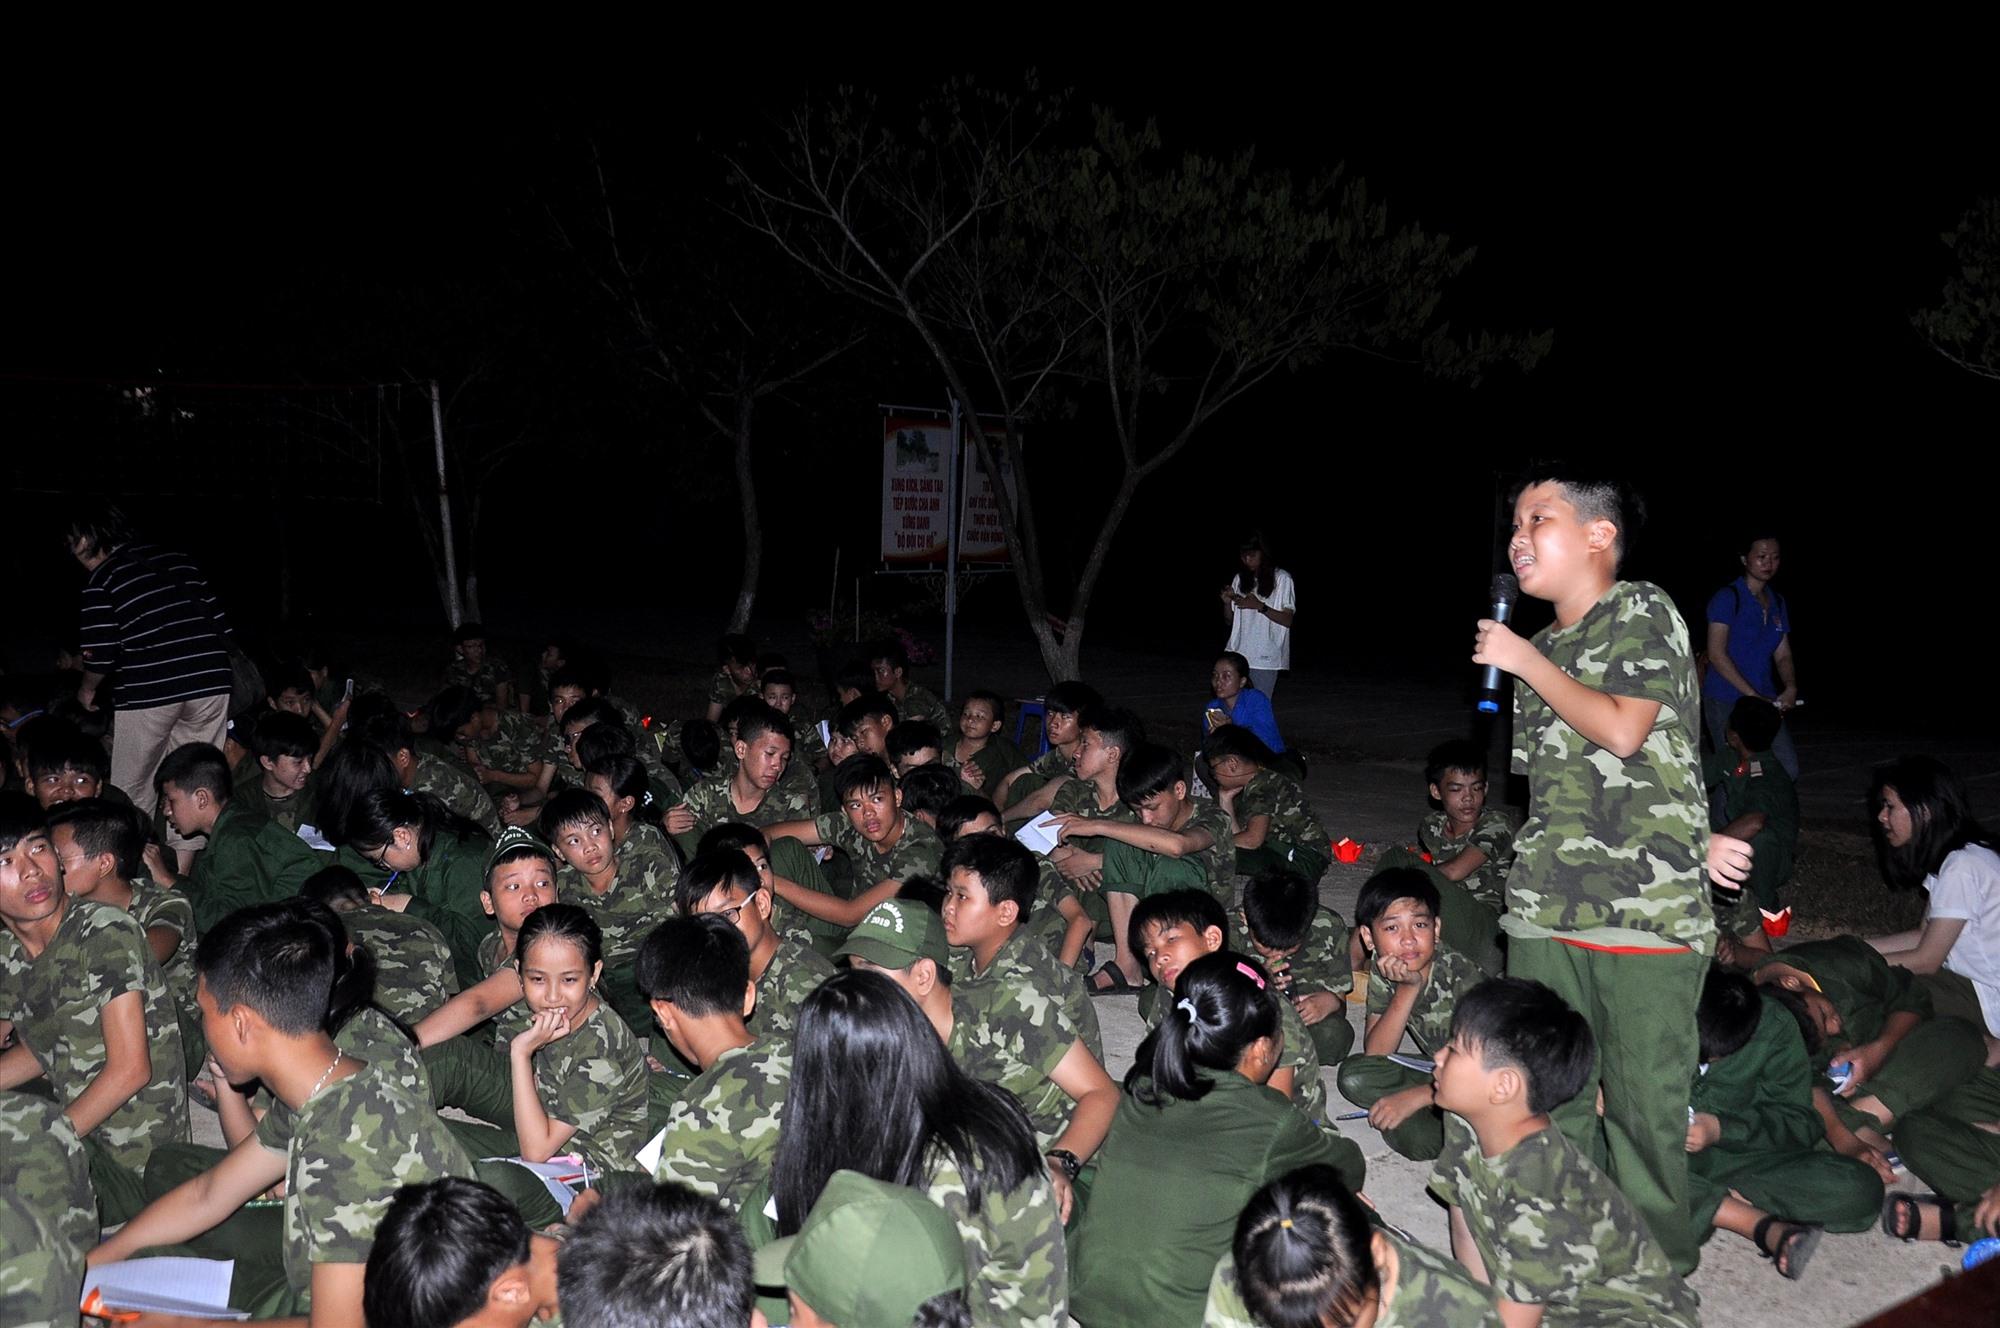 """Chương trình """"Học kỳ quân đội"""" là một trong những dấu ấn trong công tác phối hợp giữa Bộ CHQS tỉnh với Tỉnh đoàn. Ảnh: T.C"""